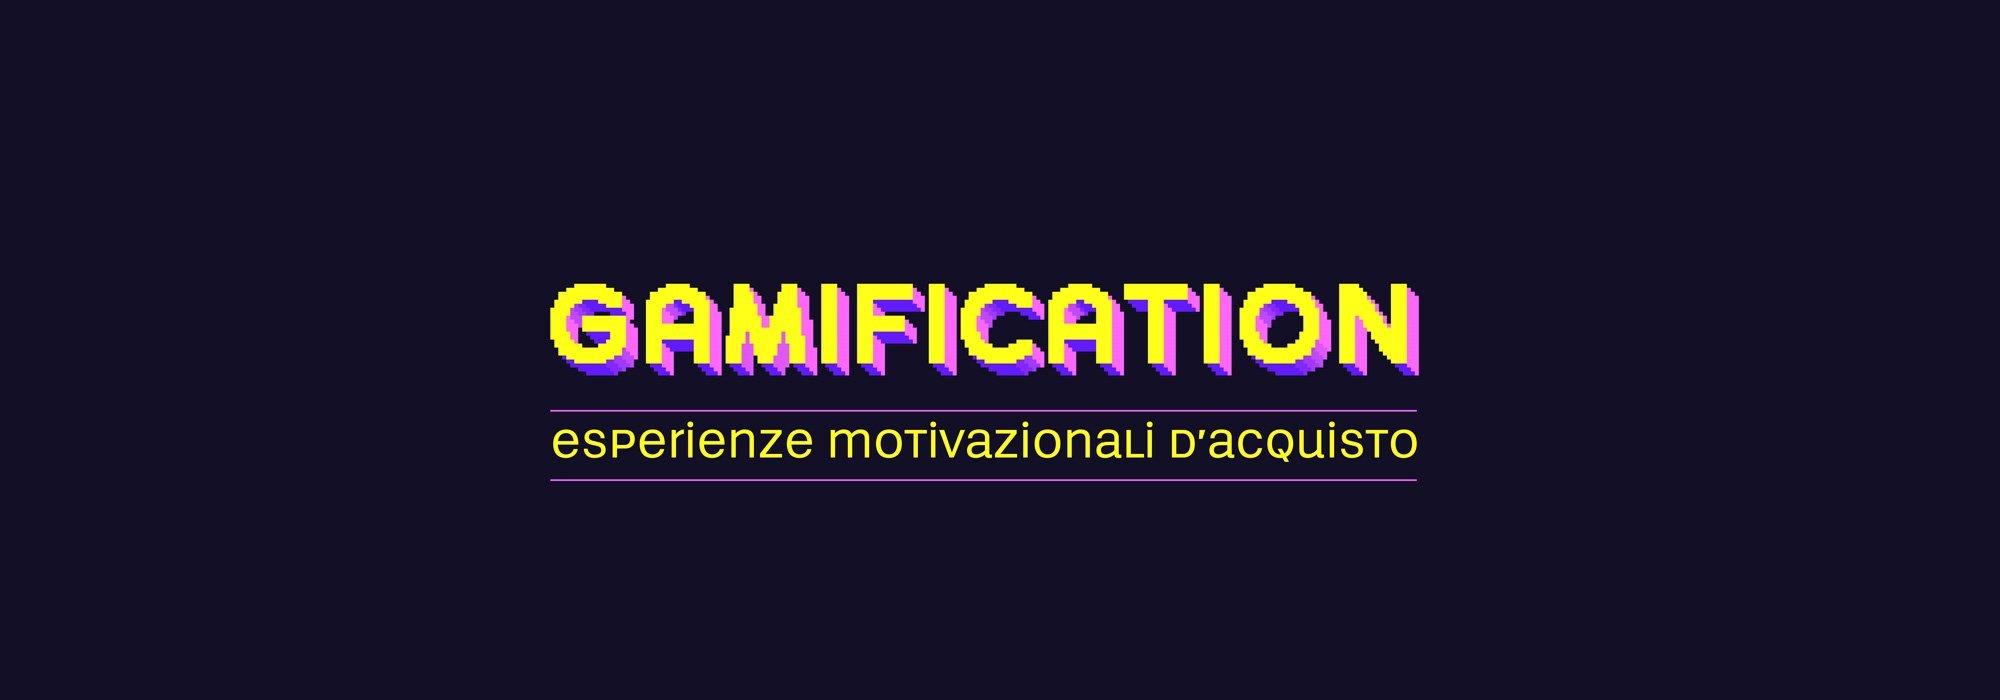 Gamification: esperienze motivazionali d'acquisto